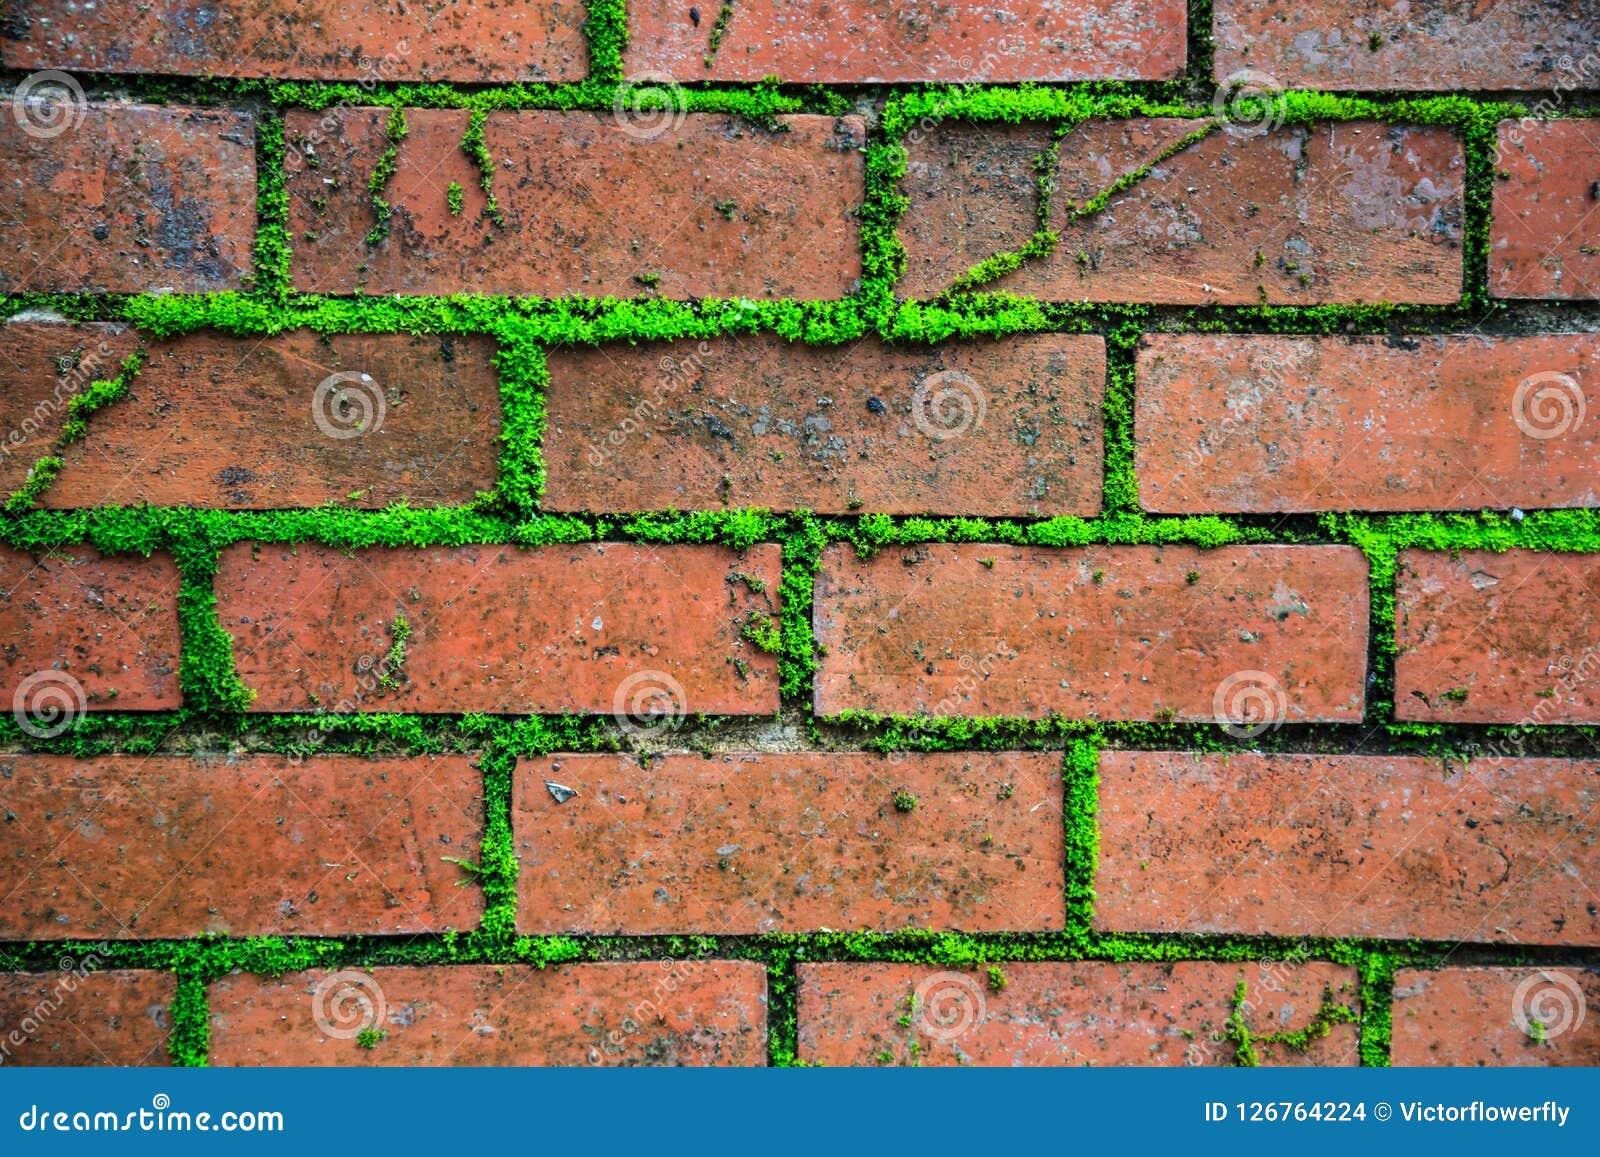 Contexto marrom vermelho retro textured envelhecido velho detalhado close up do papel de parede da superfície da parede do bloco